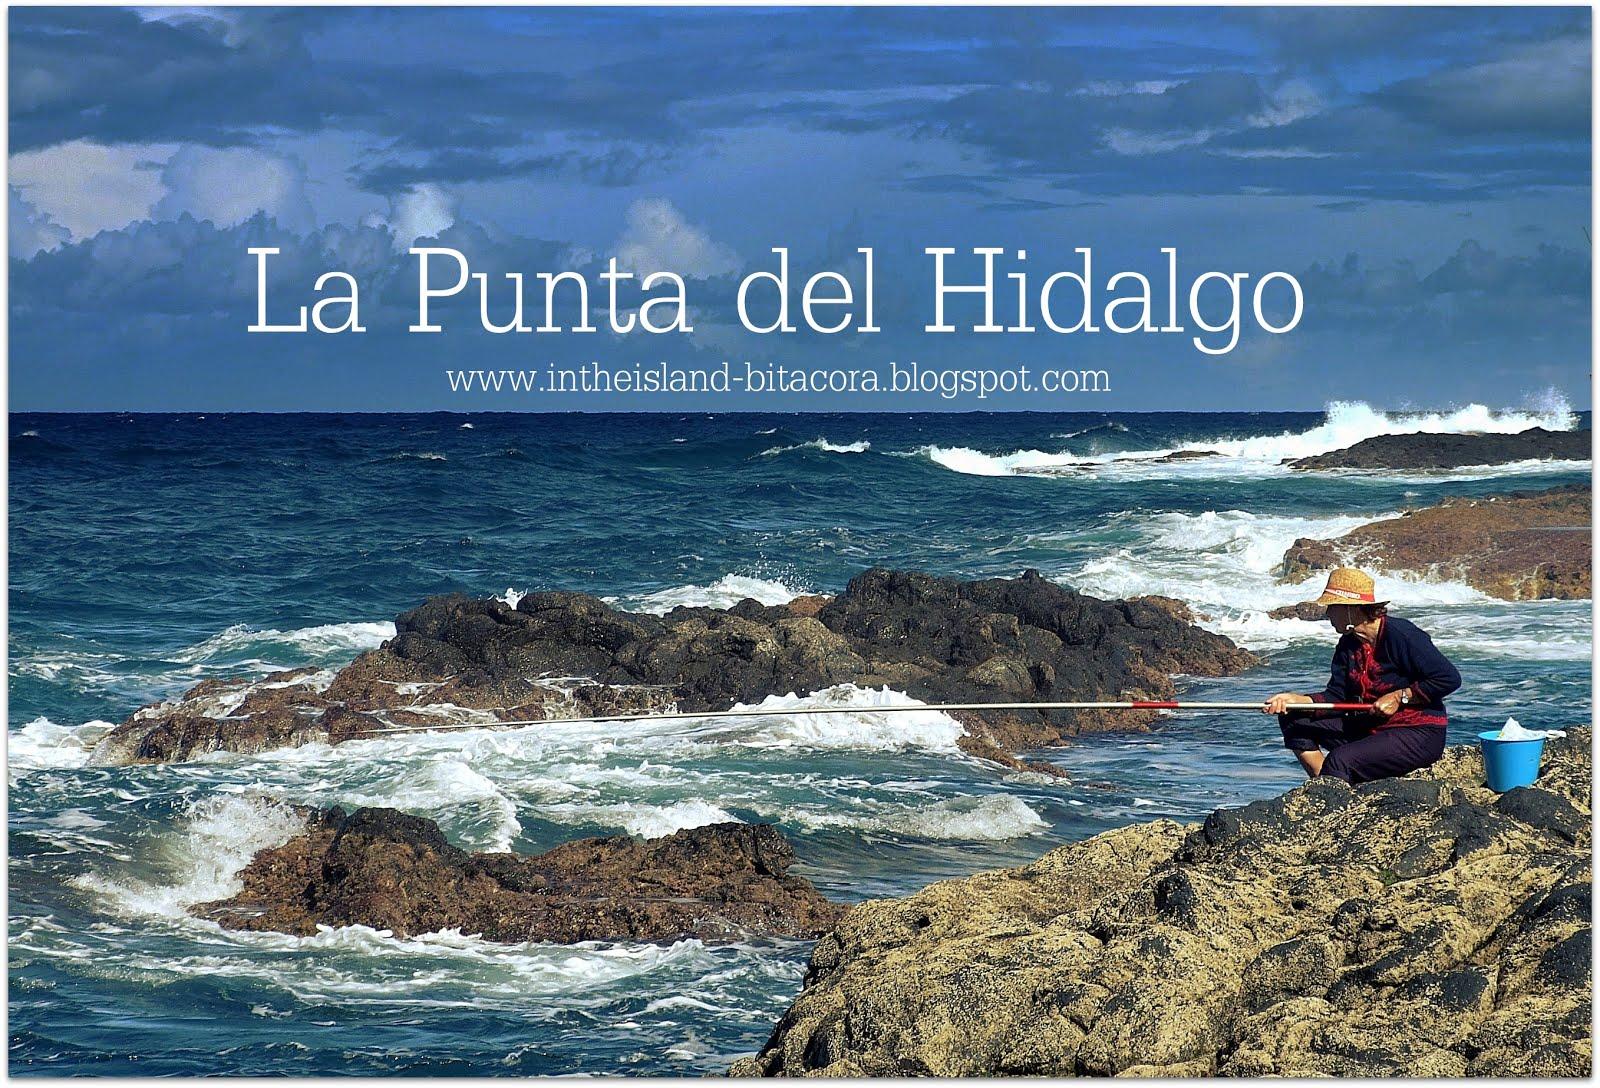 Punta del Hidalgo - Galeria de Imagenes